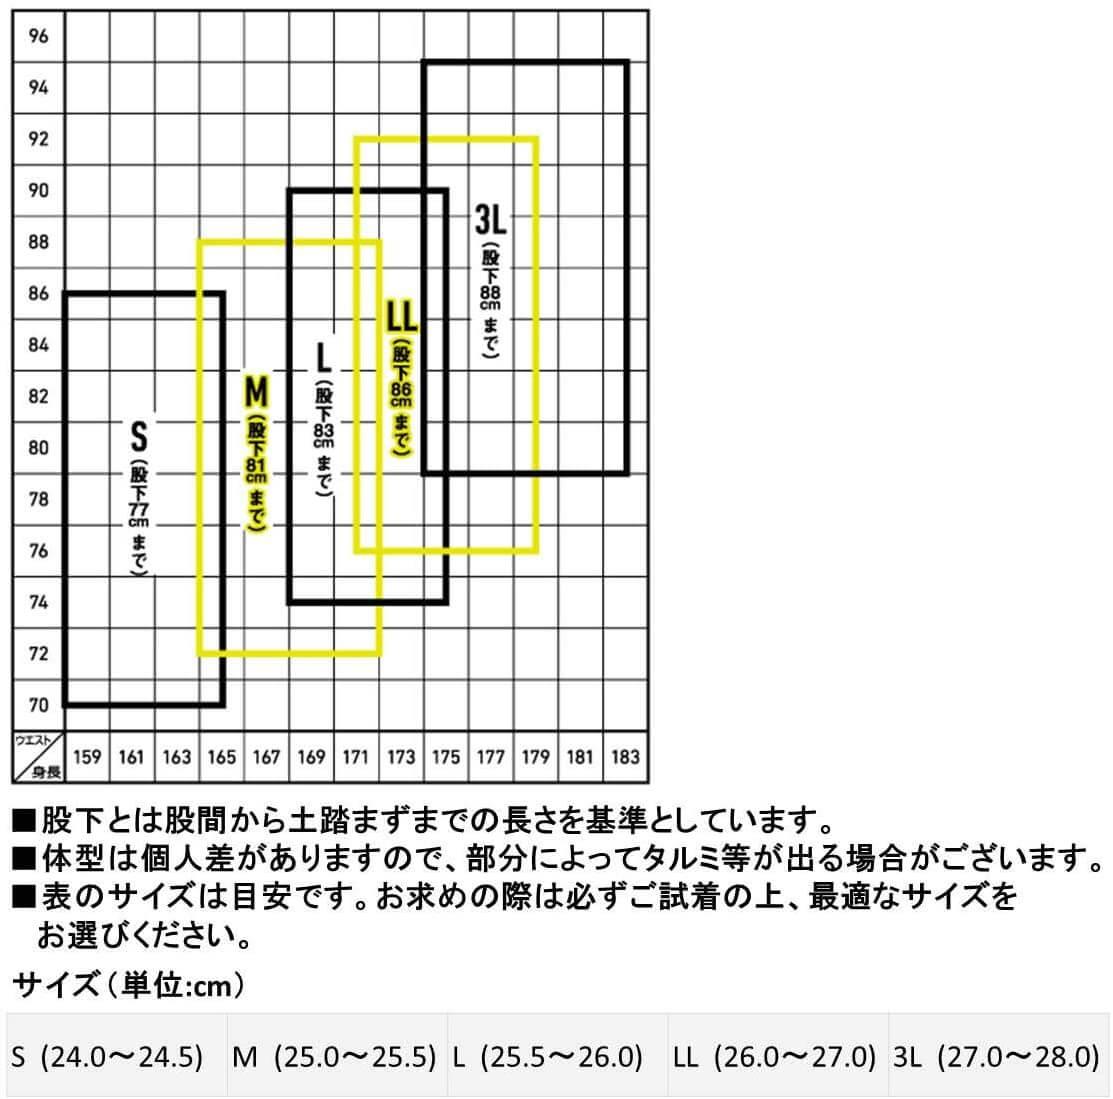 ダイワ公式のサイズ表